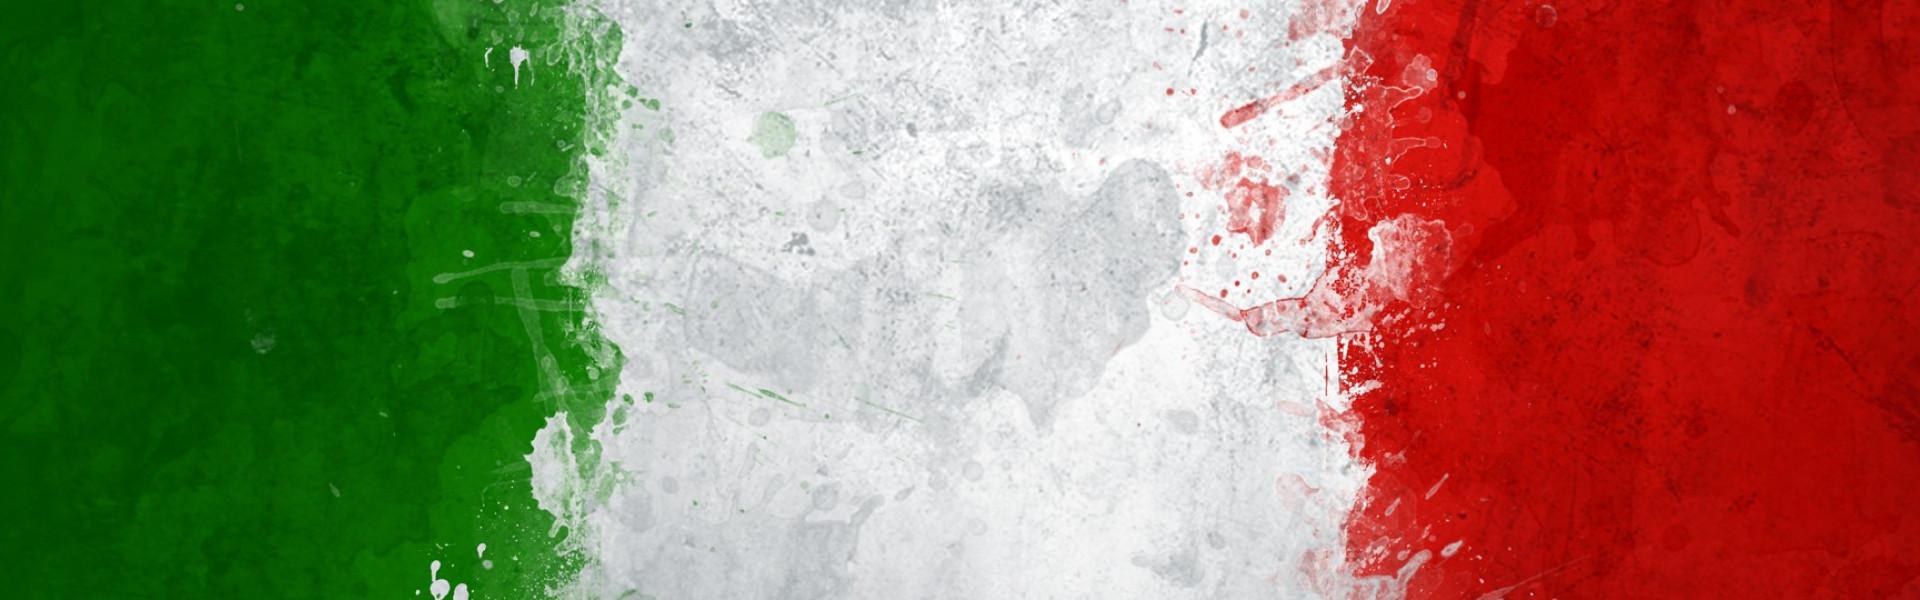 Speciale 2 Giugno Festa della Repubblica